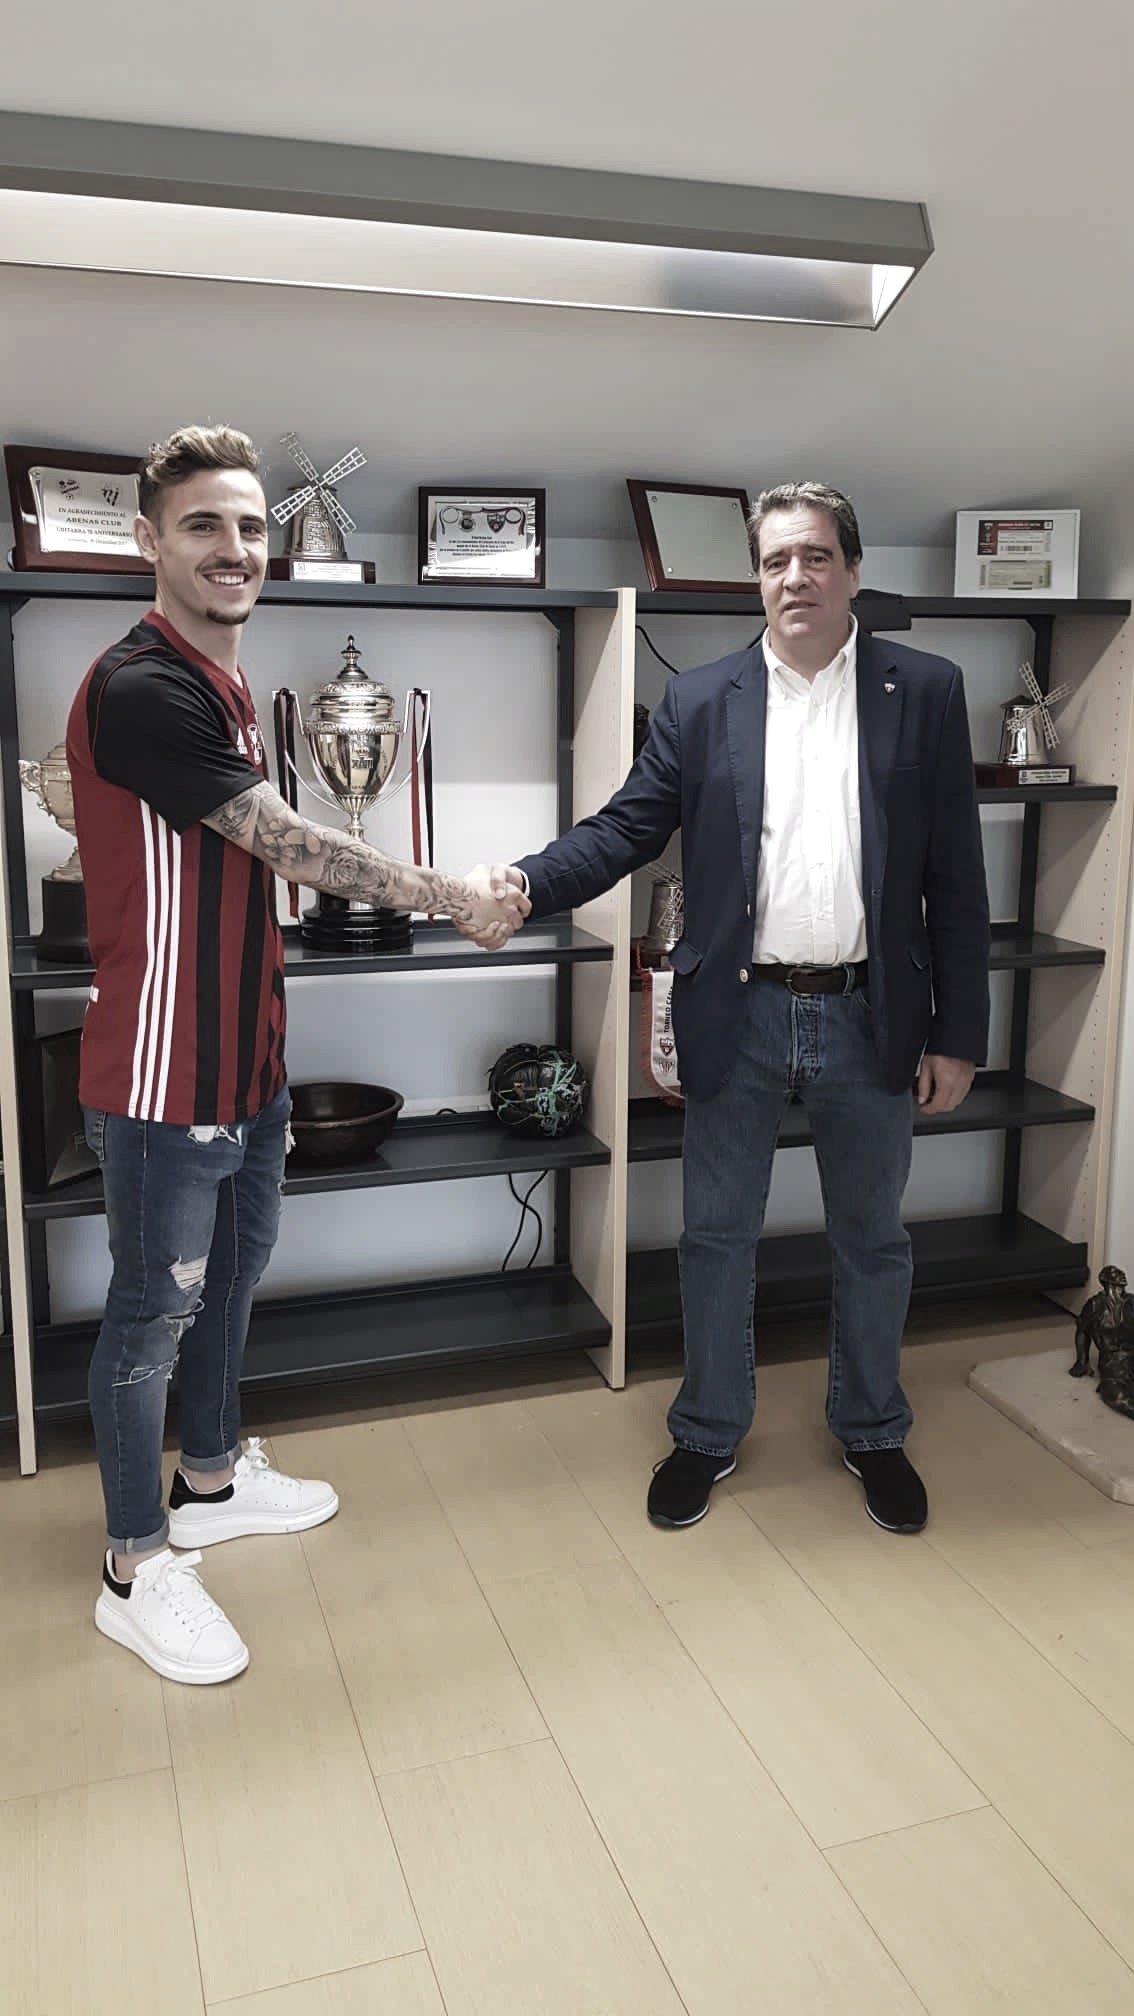 Iván Alonso, nuevo jugador del Arenas Club de Getxo | Foto: @arenas_club1909 (Twitter)